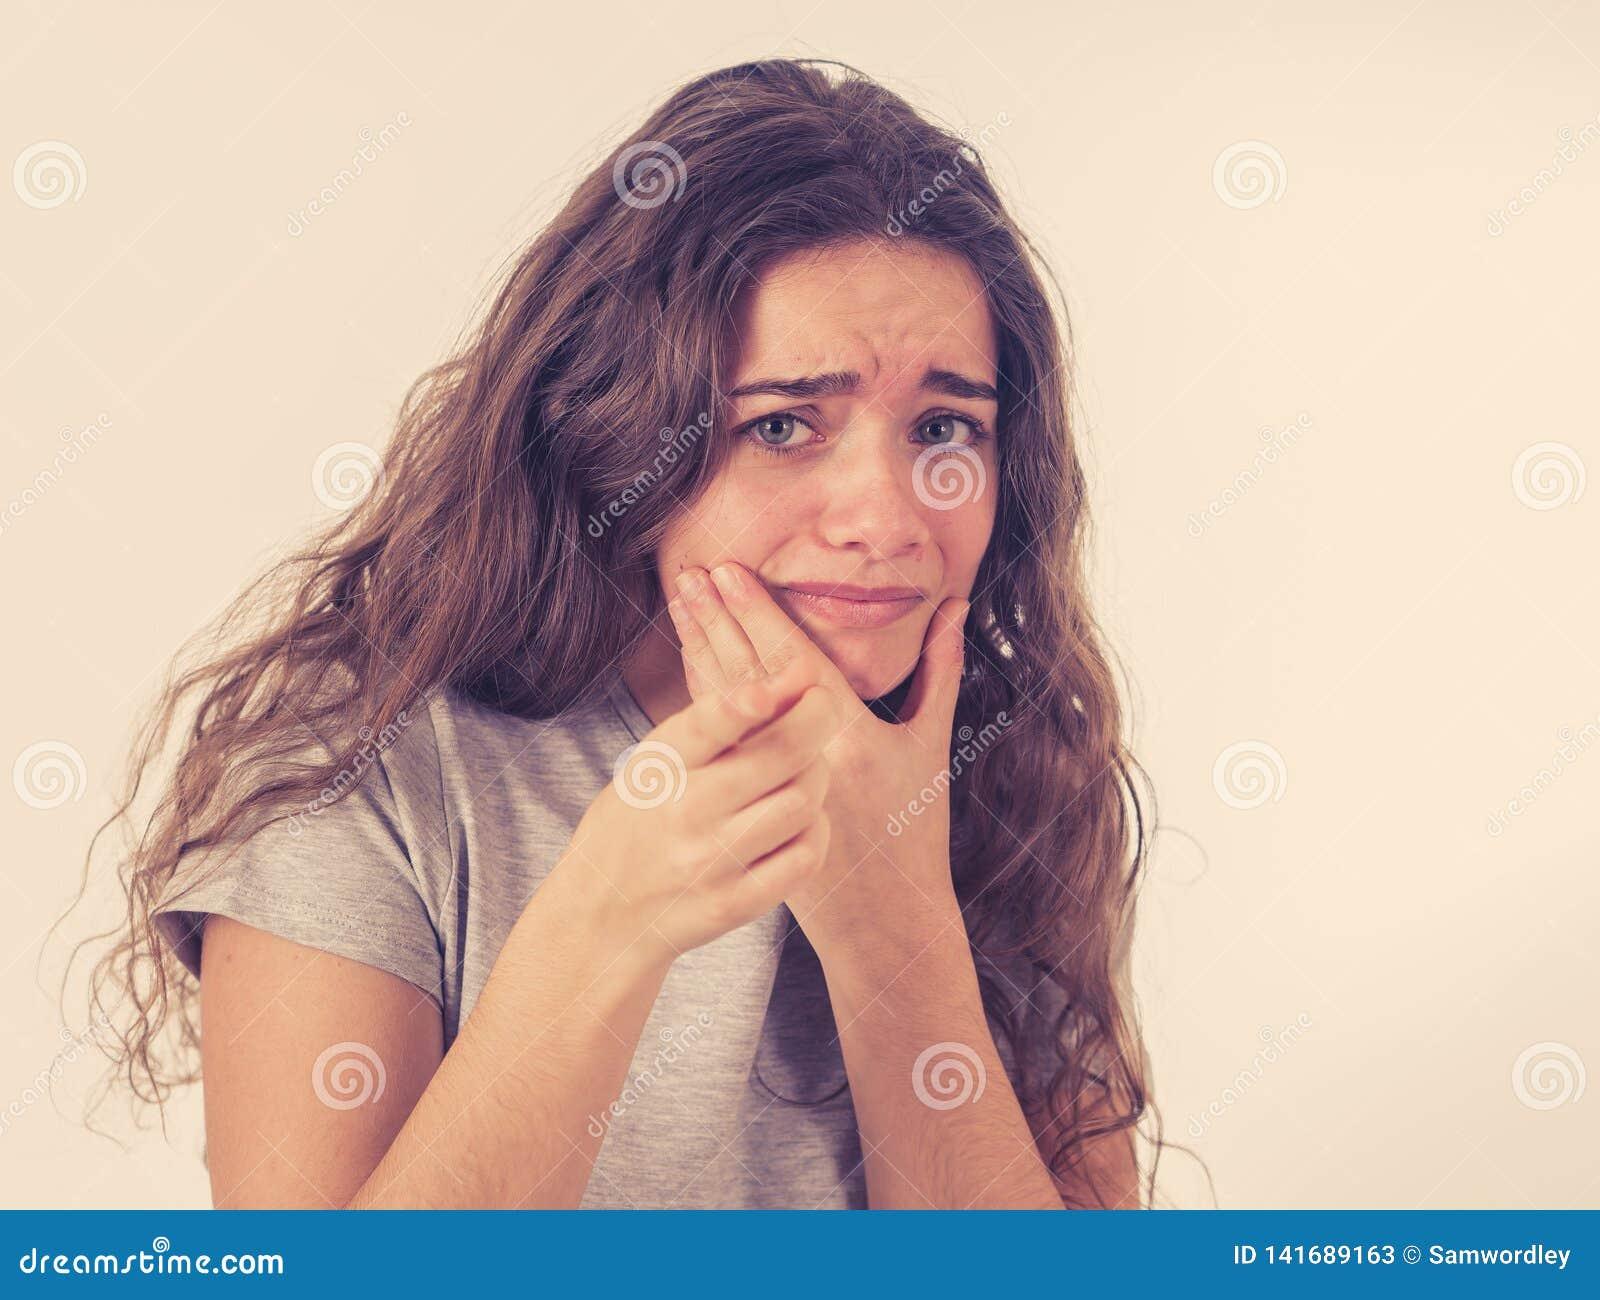 人的表示和情感 看起来年轻可爱的少年的女孩惊吓和冲击